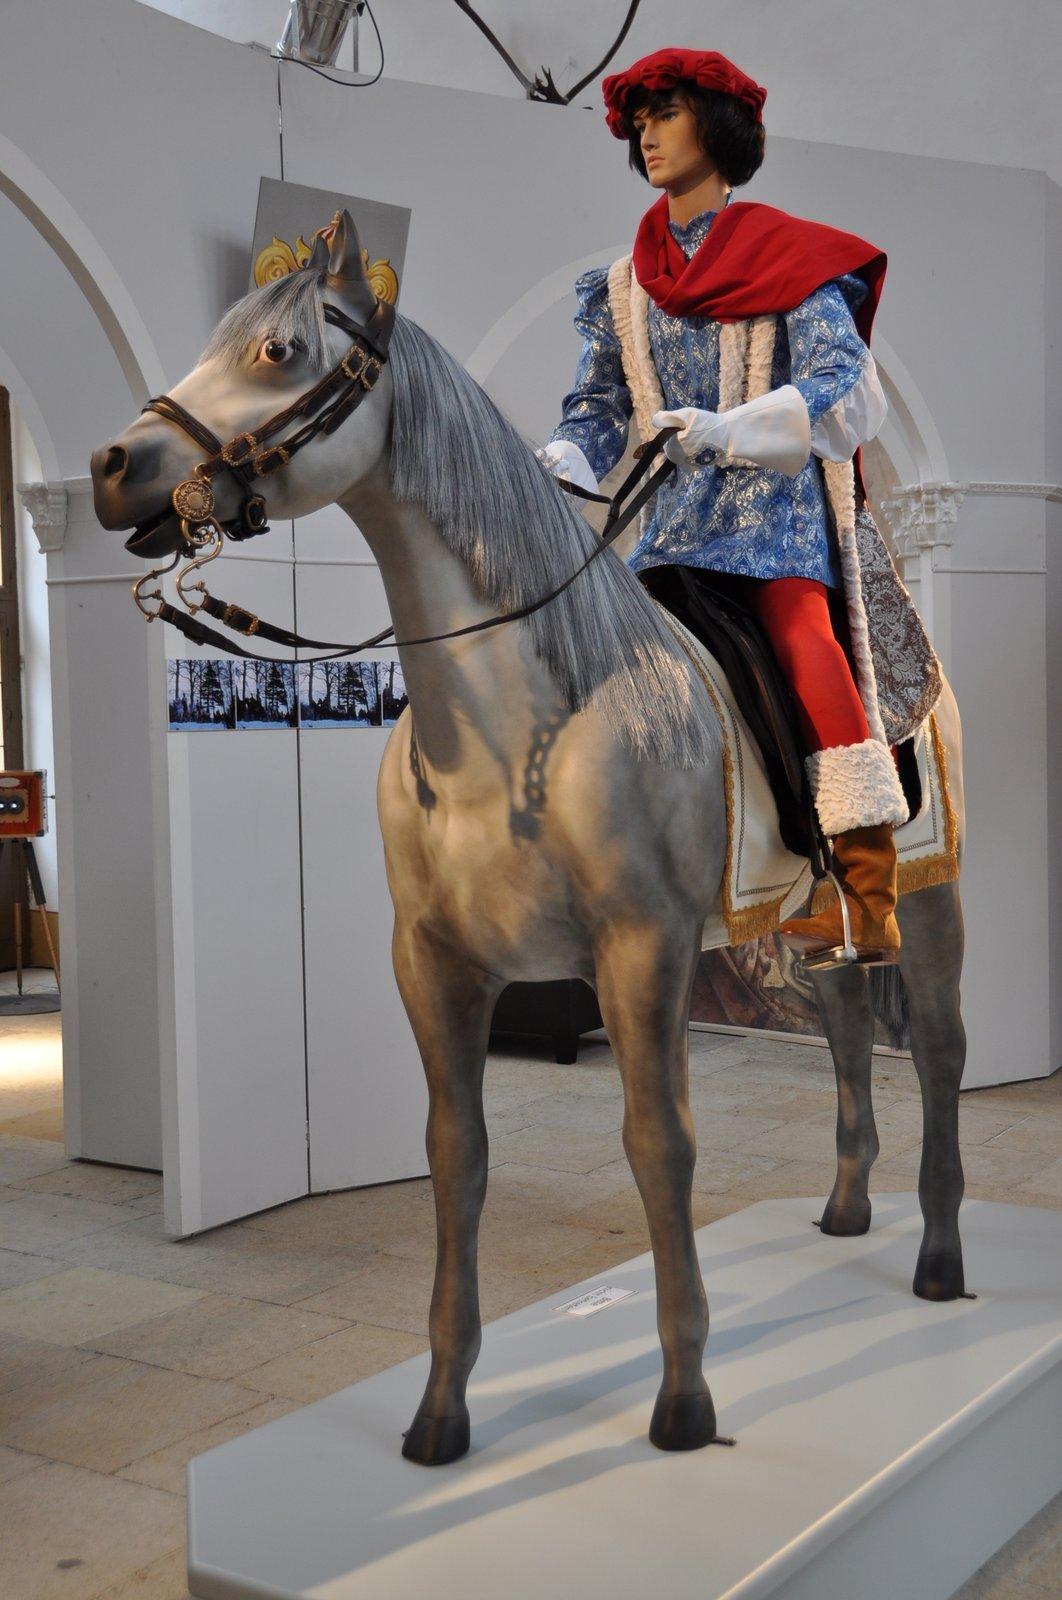 Výstava se v Německu koná již potřetí, neboť je to hotový trhák. Vždyť loni a předloni zlákala skoro 350 tisíc návštěvníků! Letos je ovšem expozice nejrozsáhlejší.